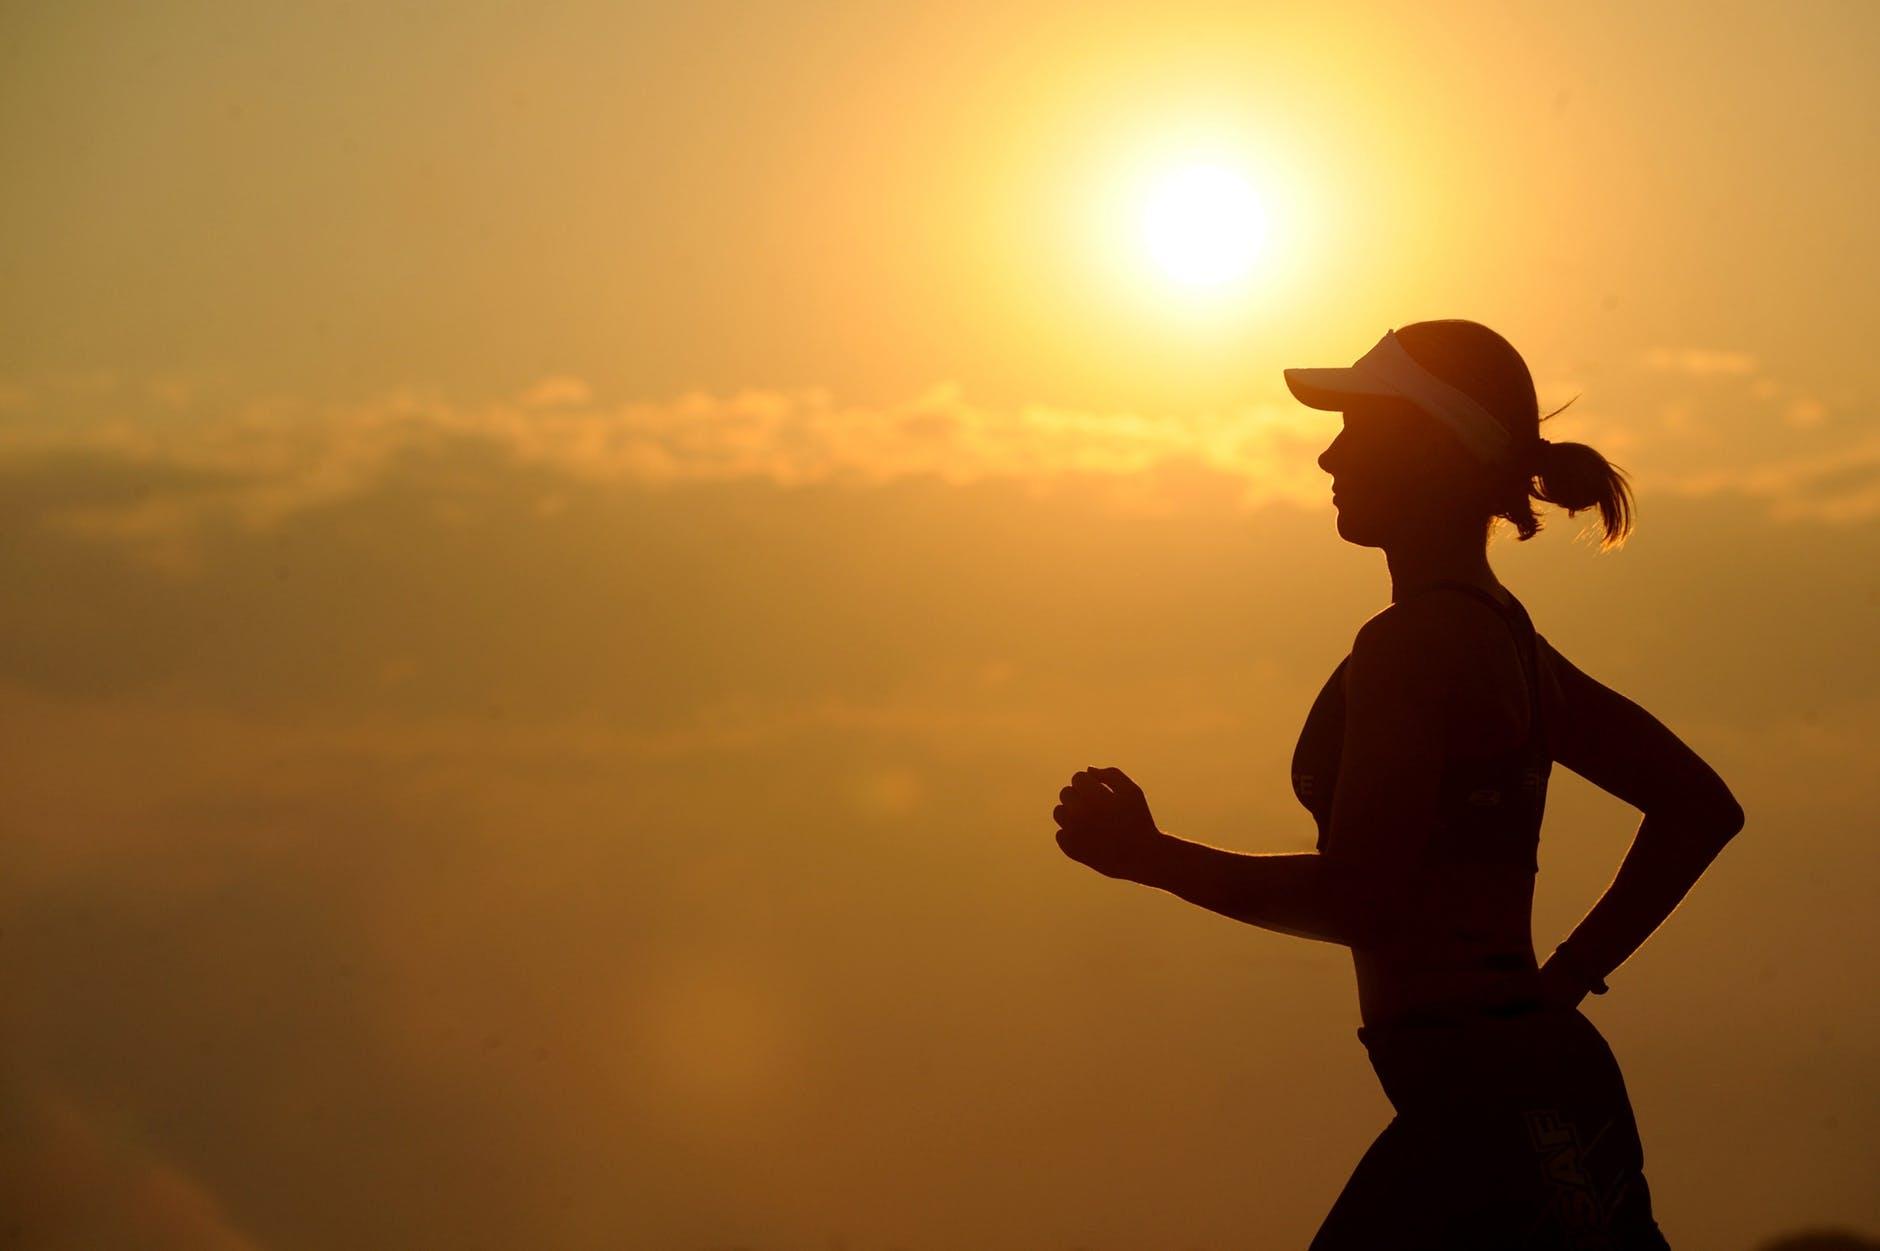 Dlaczego warto sięgnąć po żele dla biegaczy? - Zdjęcie główne